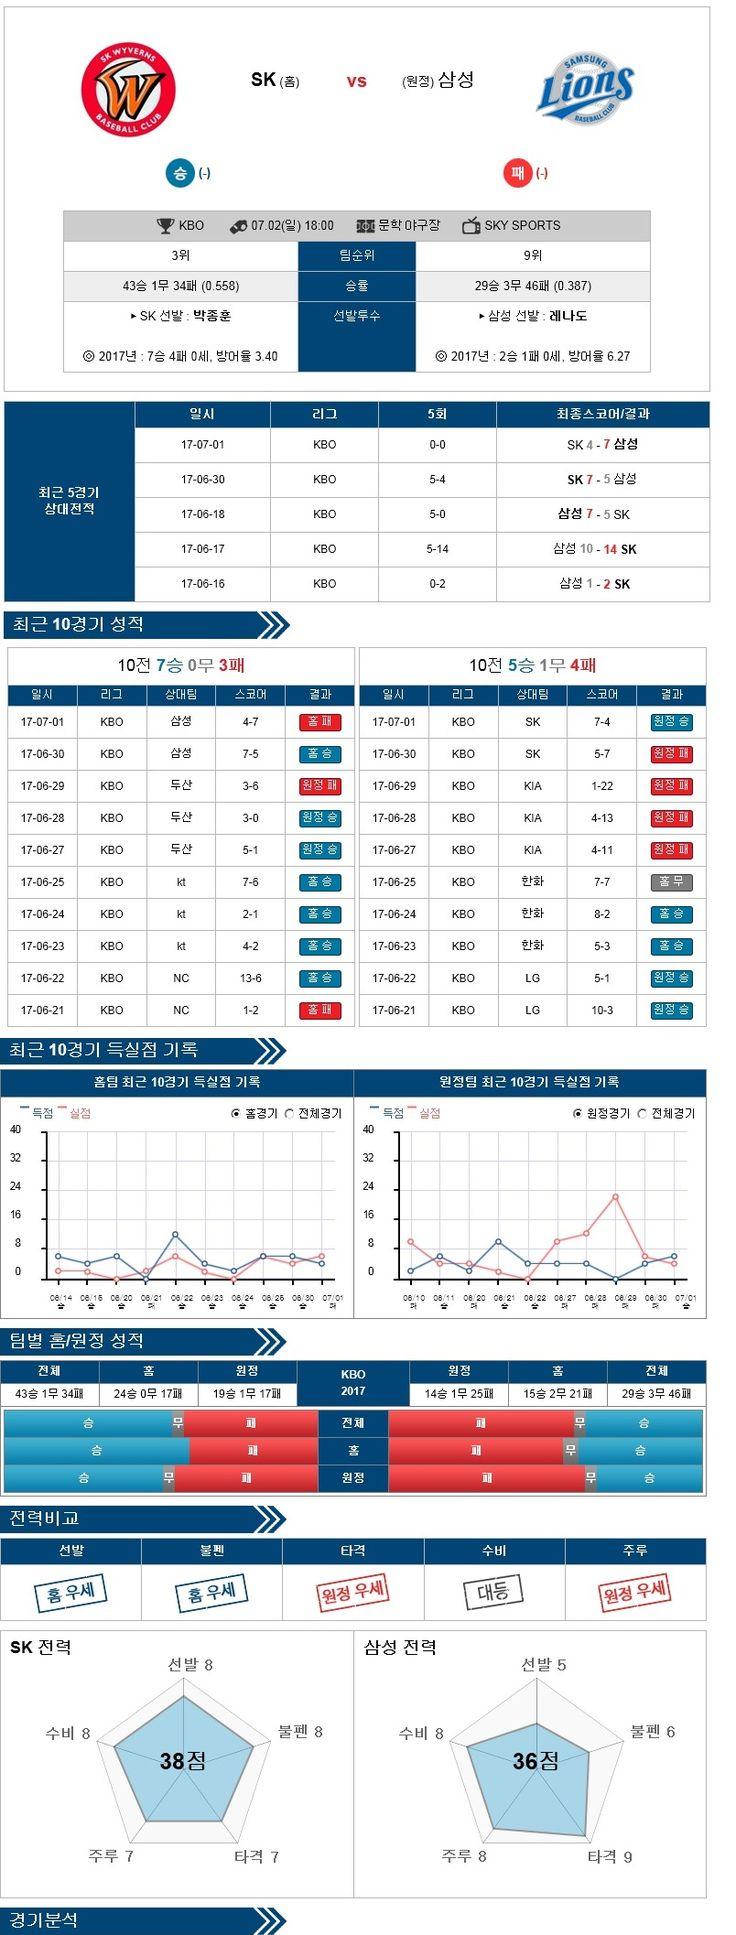 스포츠토토 분석 [KBO] 7월 02일  SK vs 삼성 야구분석픽  ★토토군 분석픽★